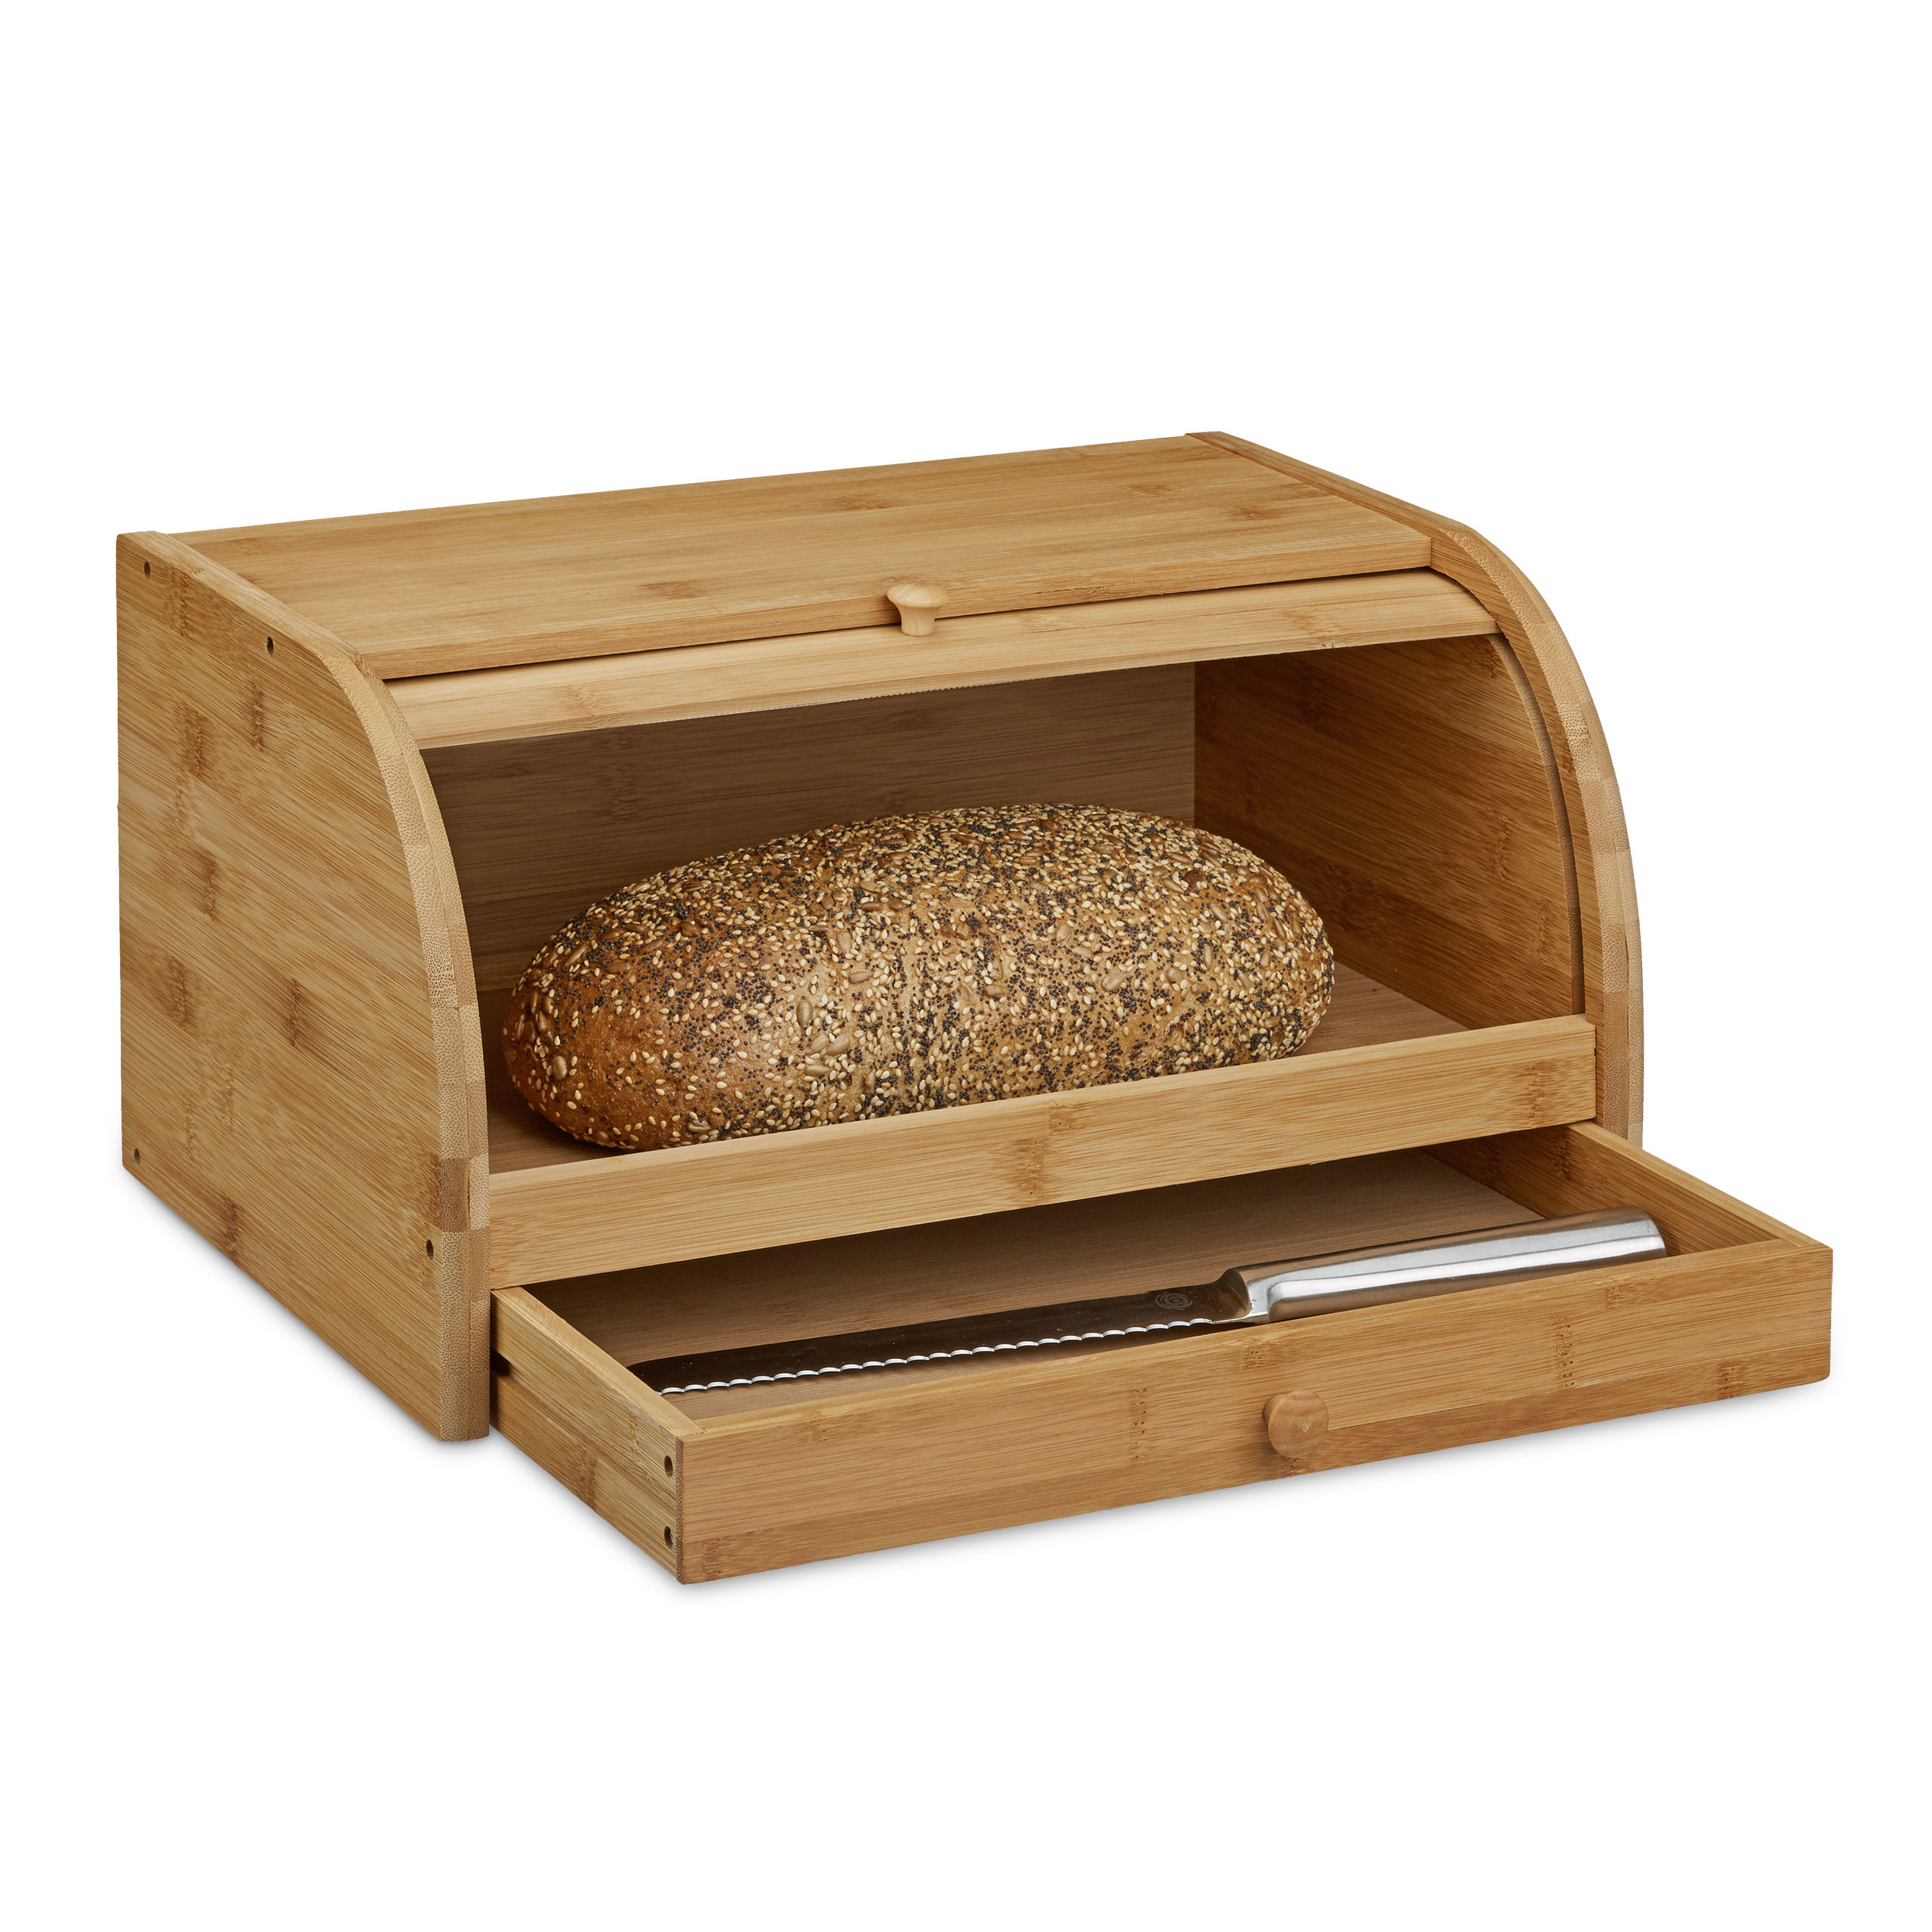 Brotkasten Bambus mit Schublade als Rollbrotkasten Brotkiste Design Brotbehälter